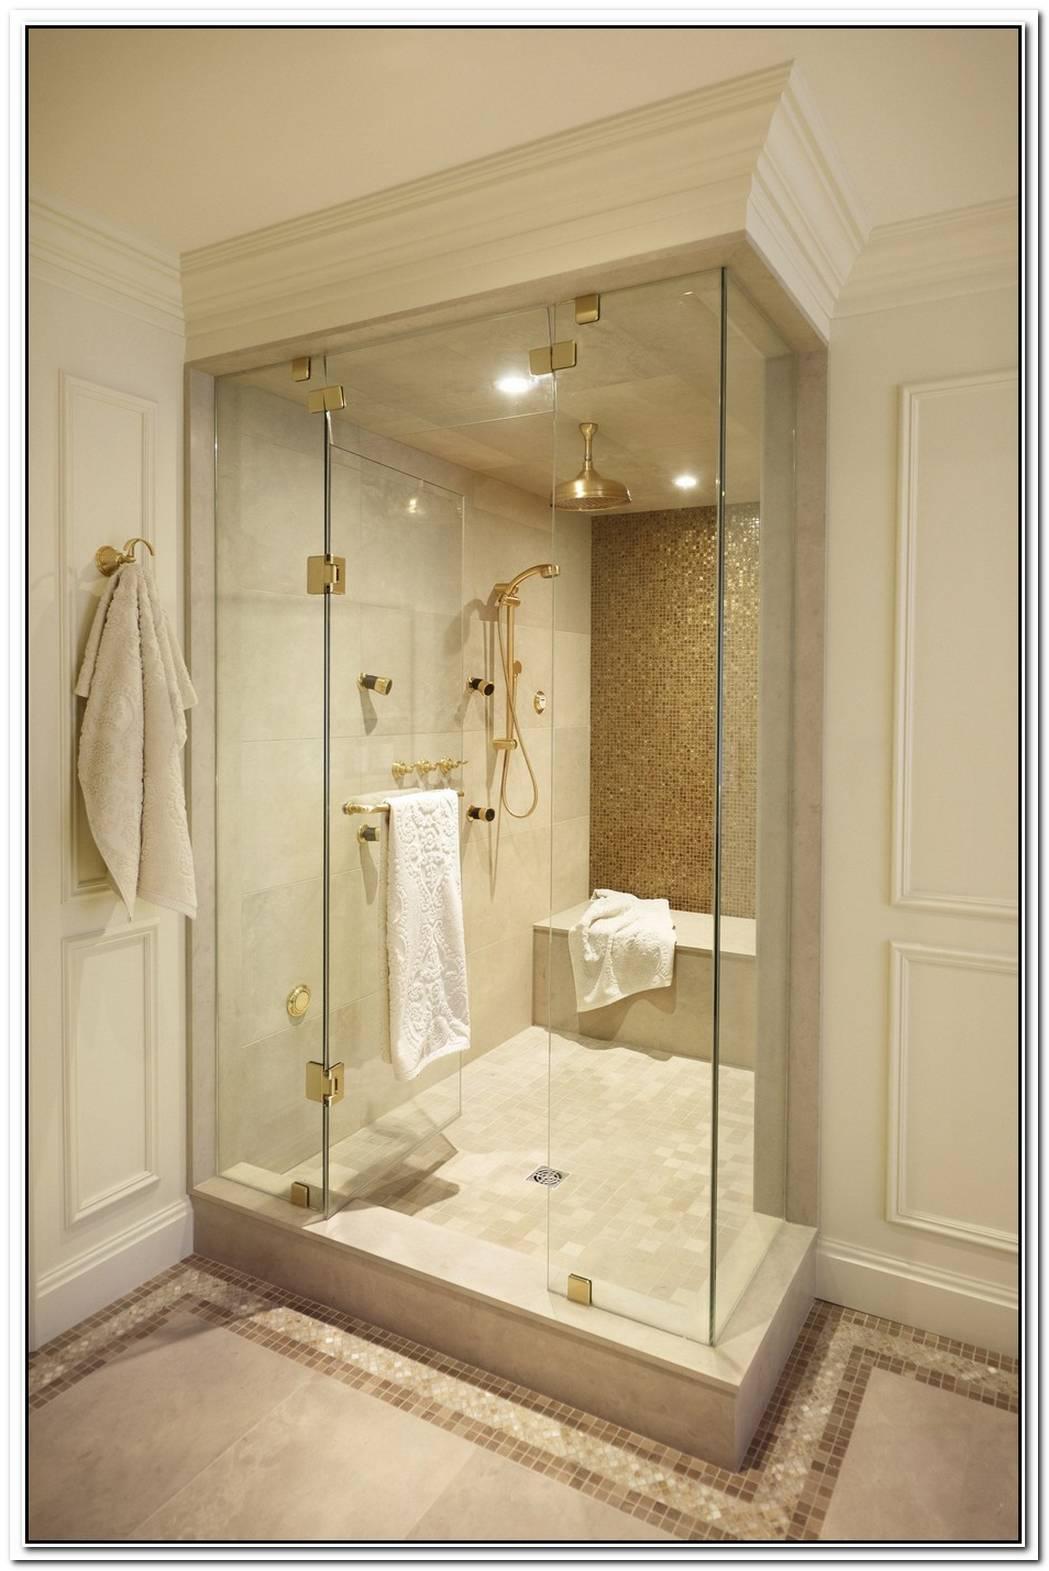 Elegant Vintage Bathroom Suites By Regia